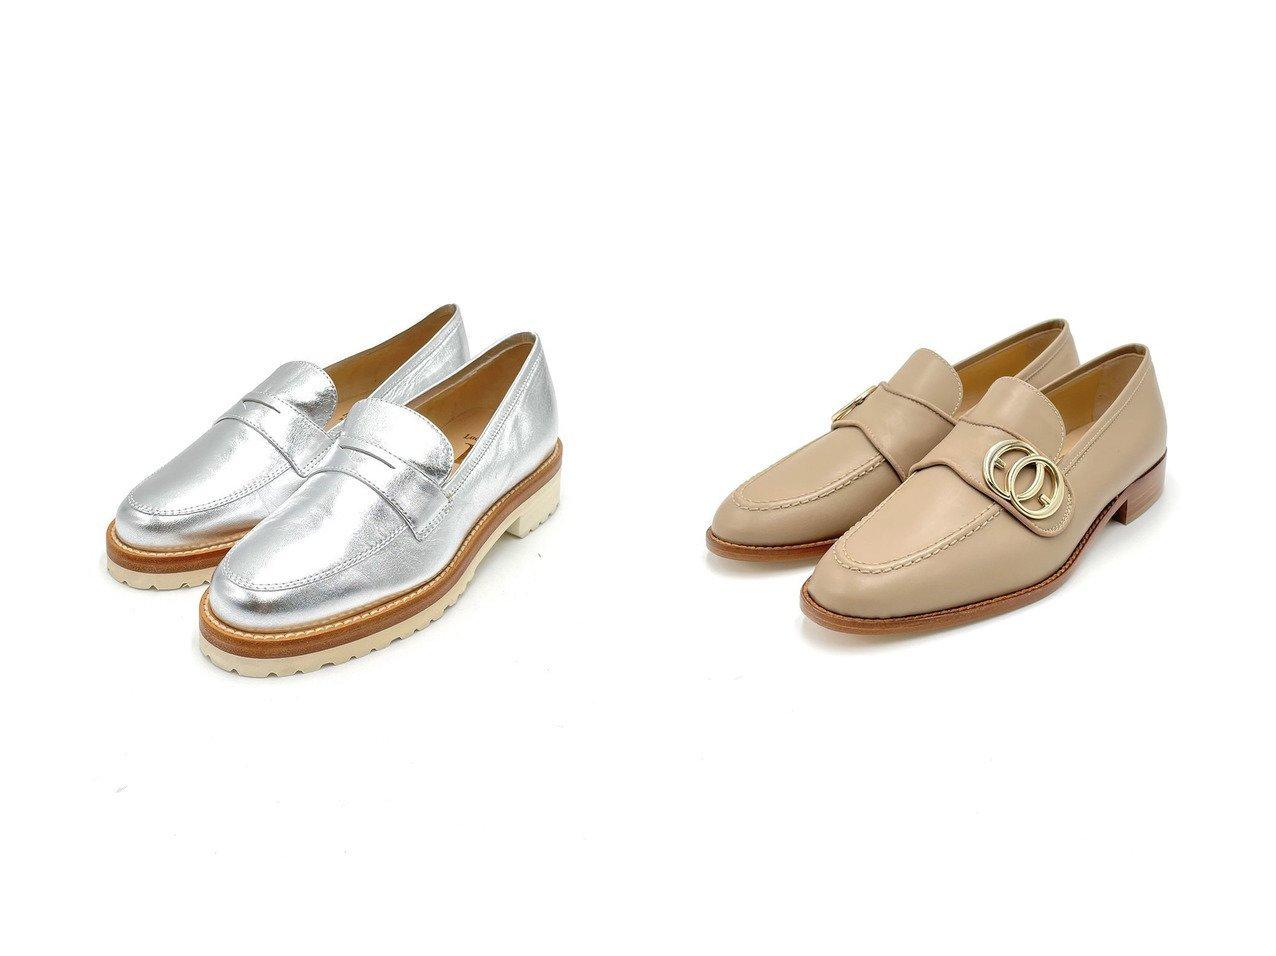 【LucaGrossi/ルカグロッシ】のラギットソールコインローファー&リングバックルローファー 【シューズ・靴】おすすめ!人気、トレンド・レディースファッションの通販 おすすめで人気の流行・トレンド、ファッションの通販商品 インテリア・家具・メンズファッション・キッズファッション・レディースファッション・服の通販 founy(ファニー) https://founy.com/ ファッション Fashion レディースファッション WOMEN バッグ Bag アウトドア イタリア シューズ フラット  ID:crp329100000043150